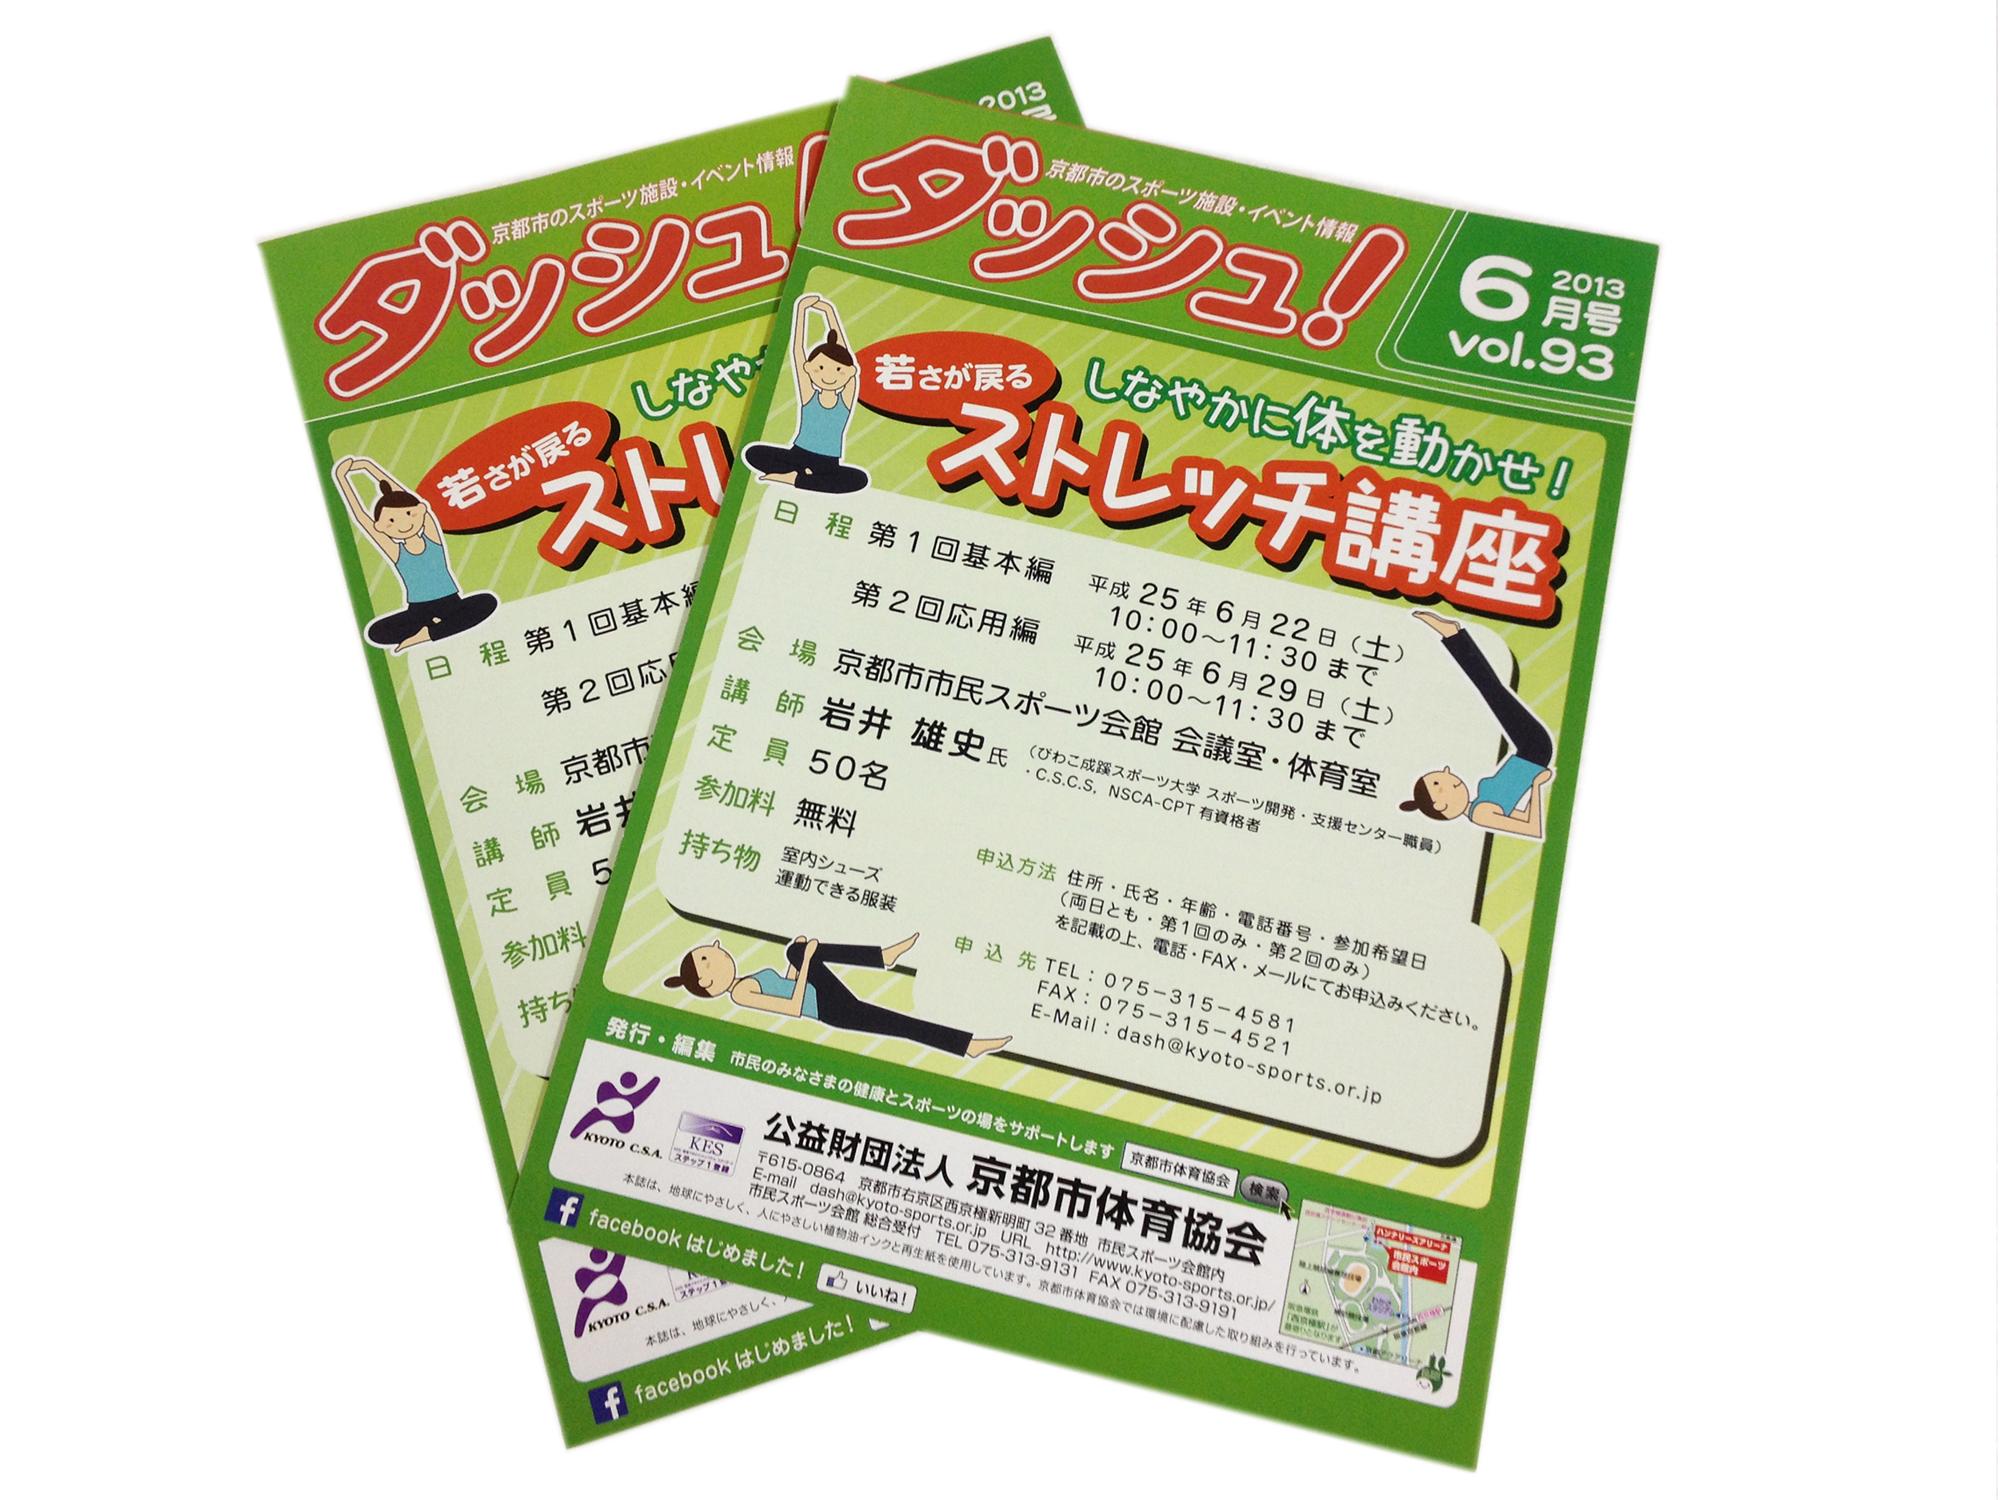 協会 京都 市 体育